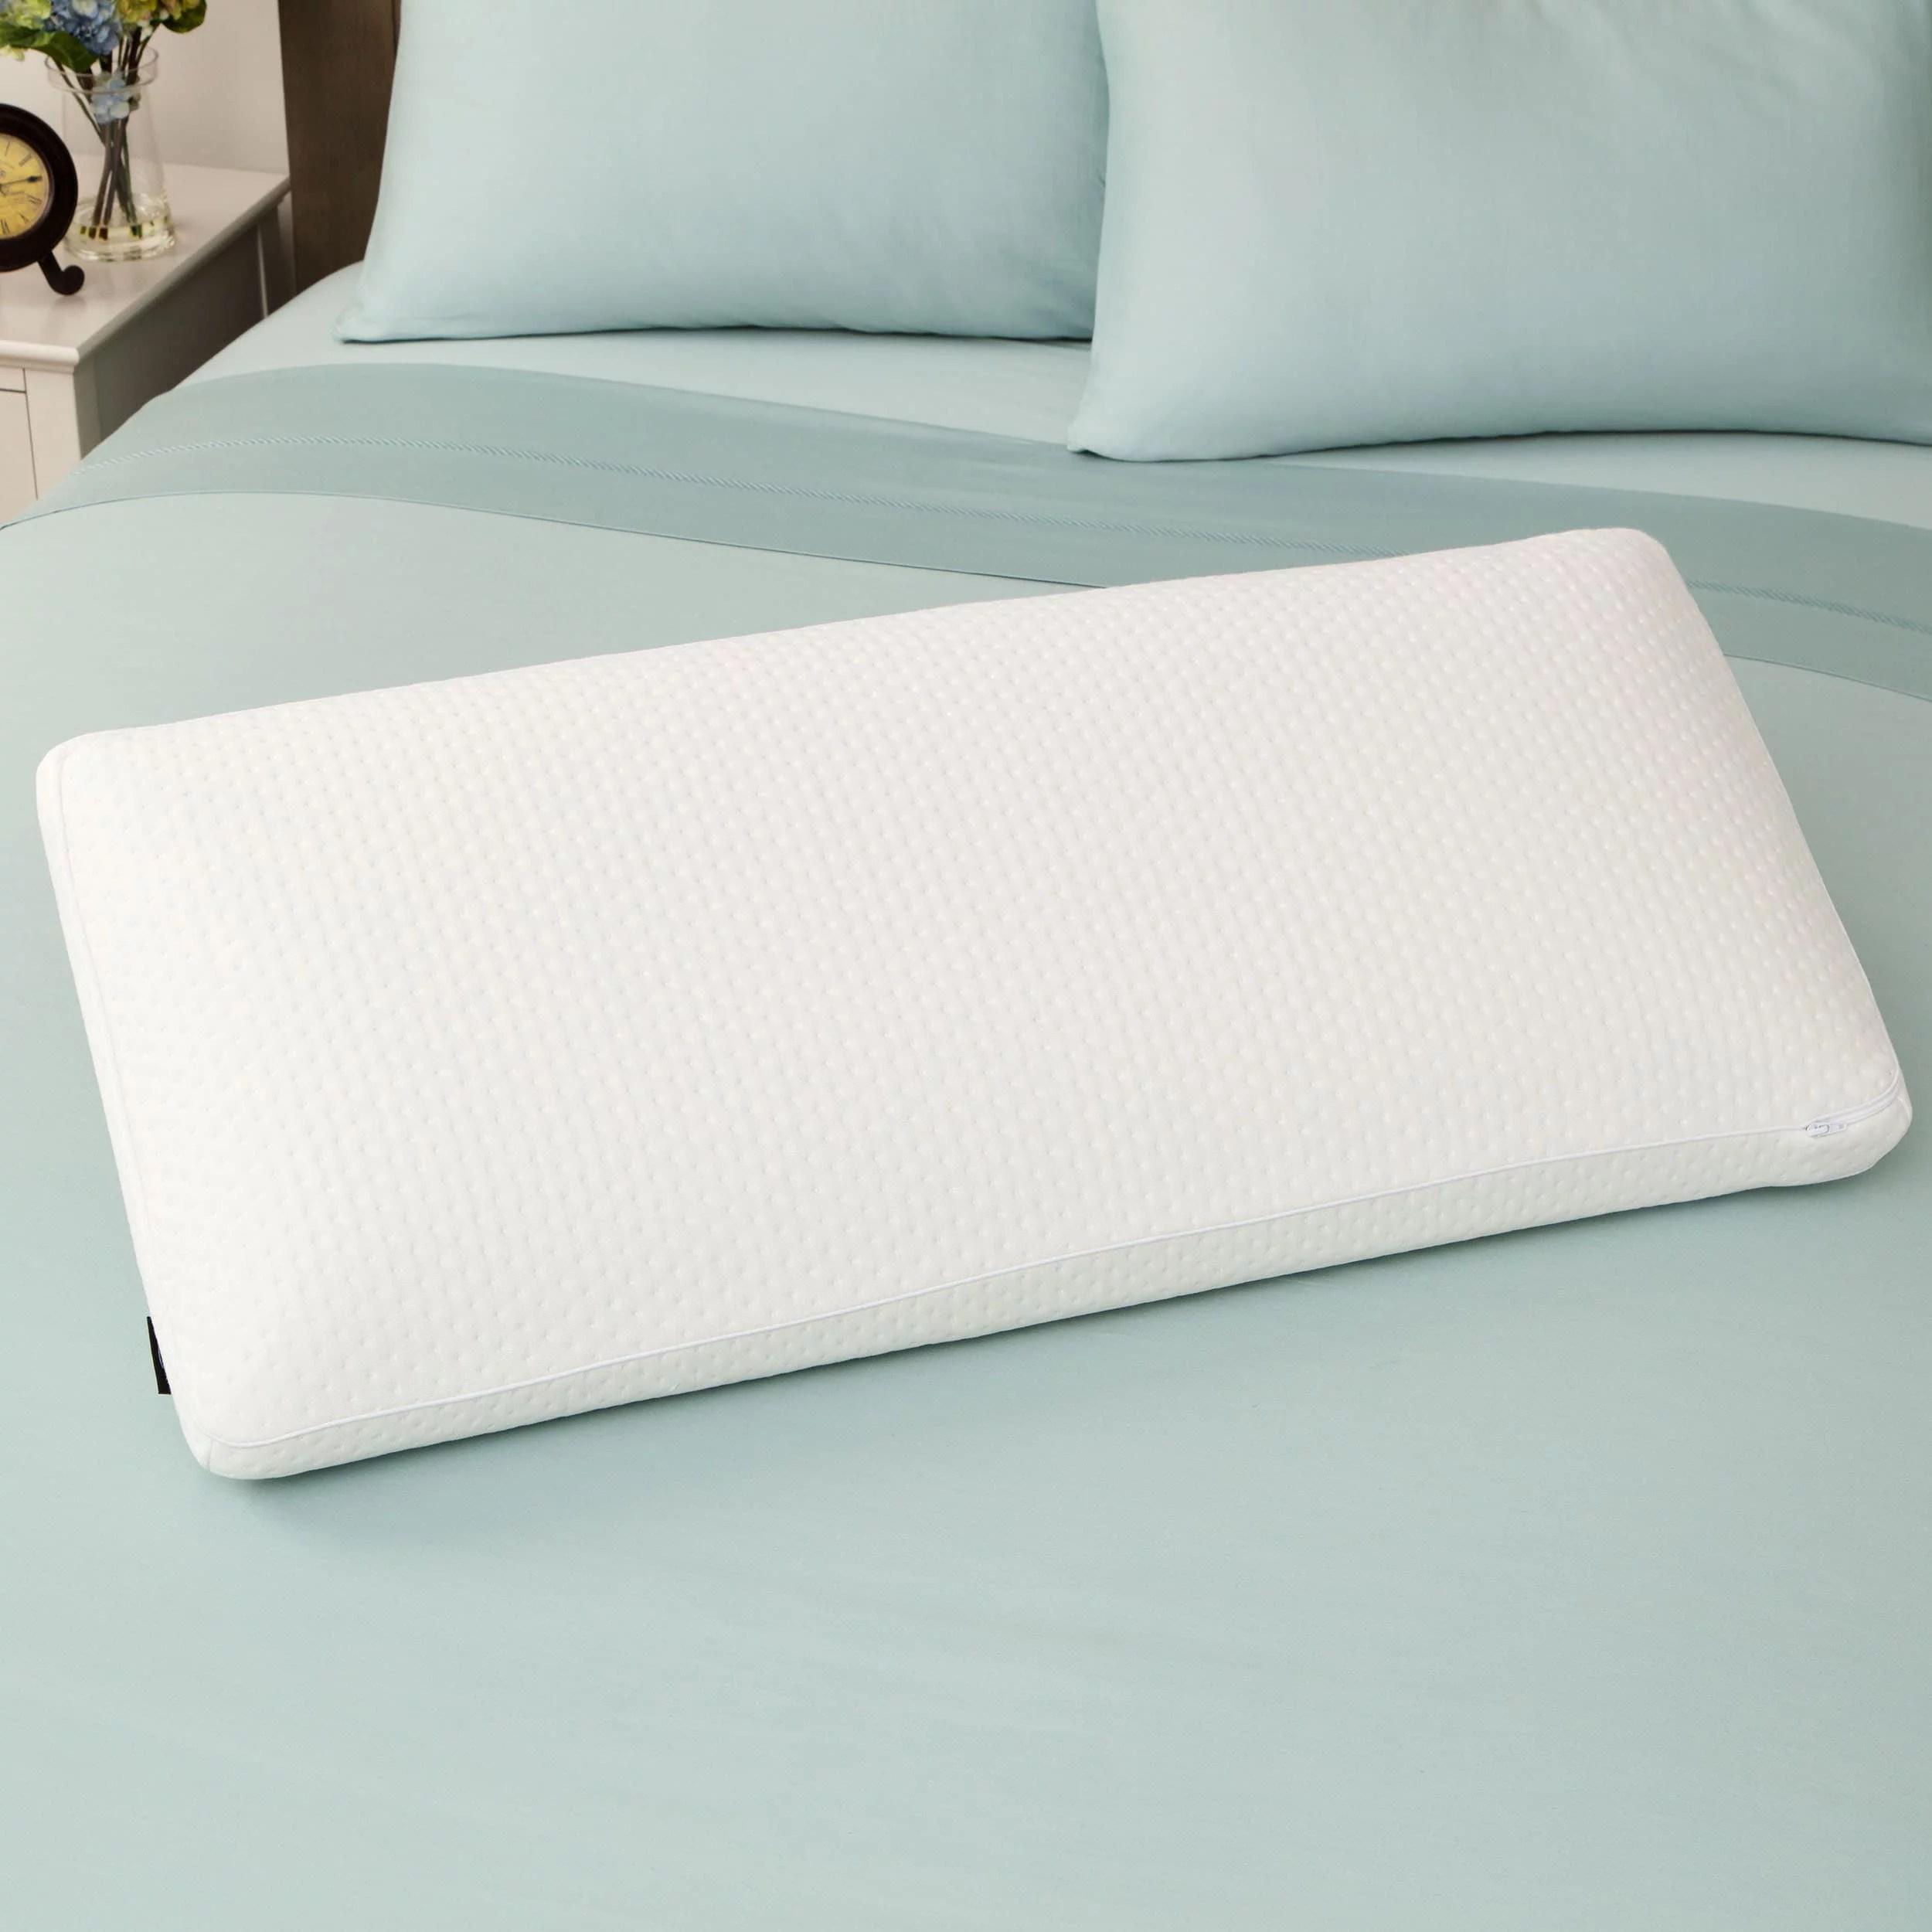 swisslux euro style luxury king size memory foam pillow white